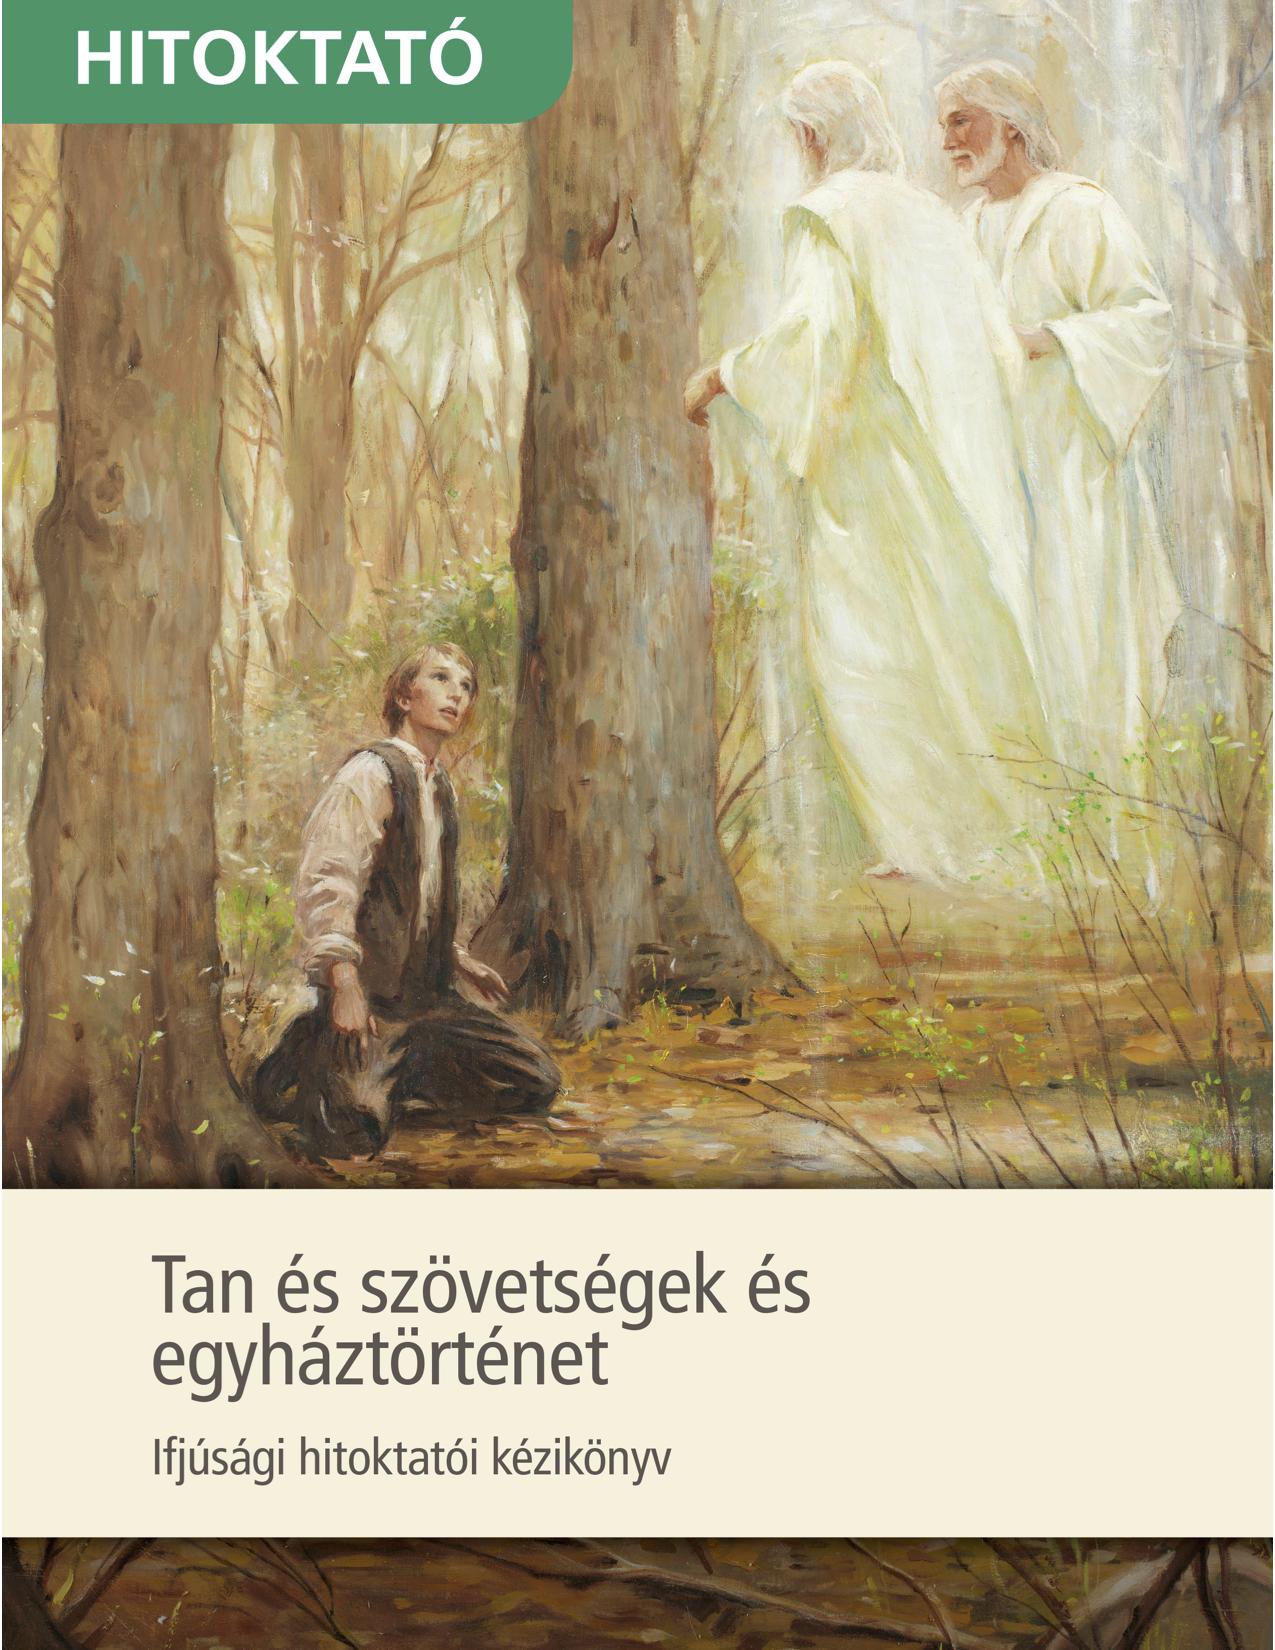 Tan és szövetségek és egyháztörténet ifjúsági hitoktatói kézikönyv